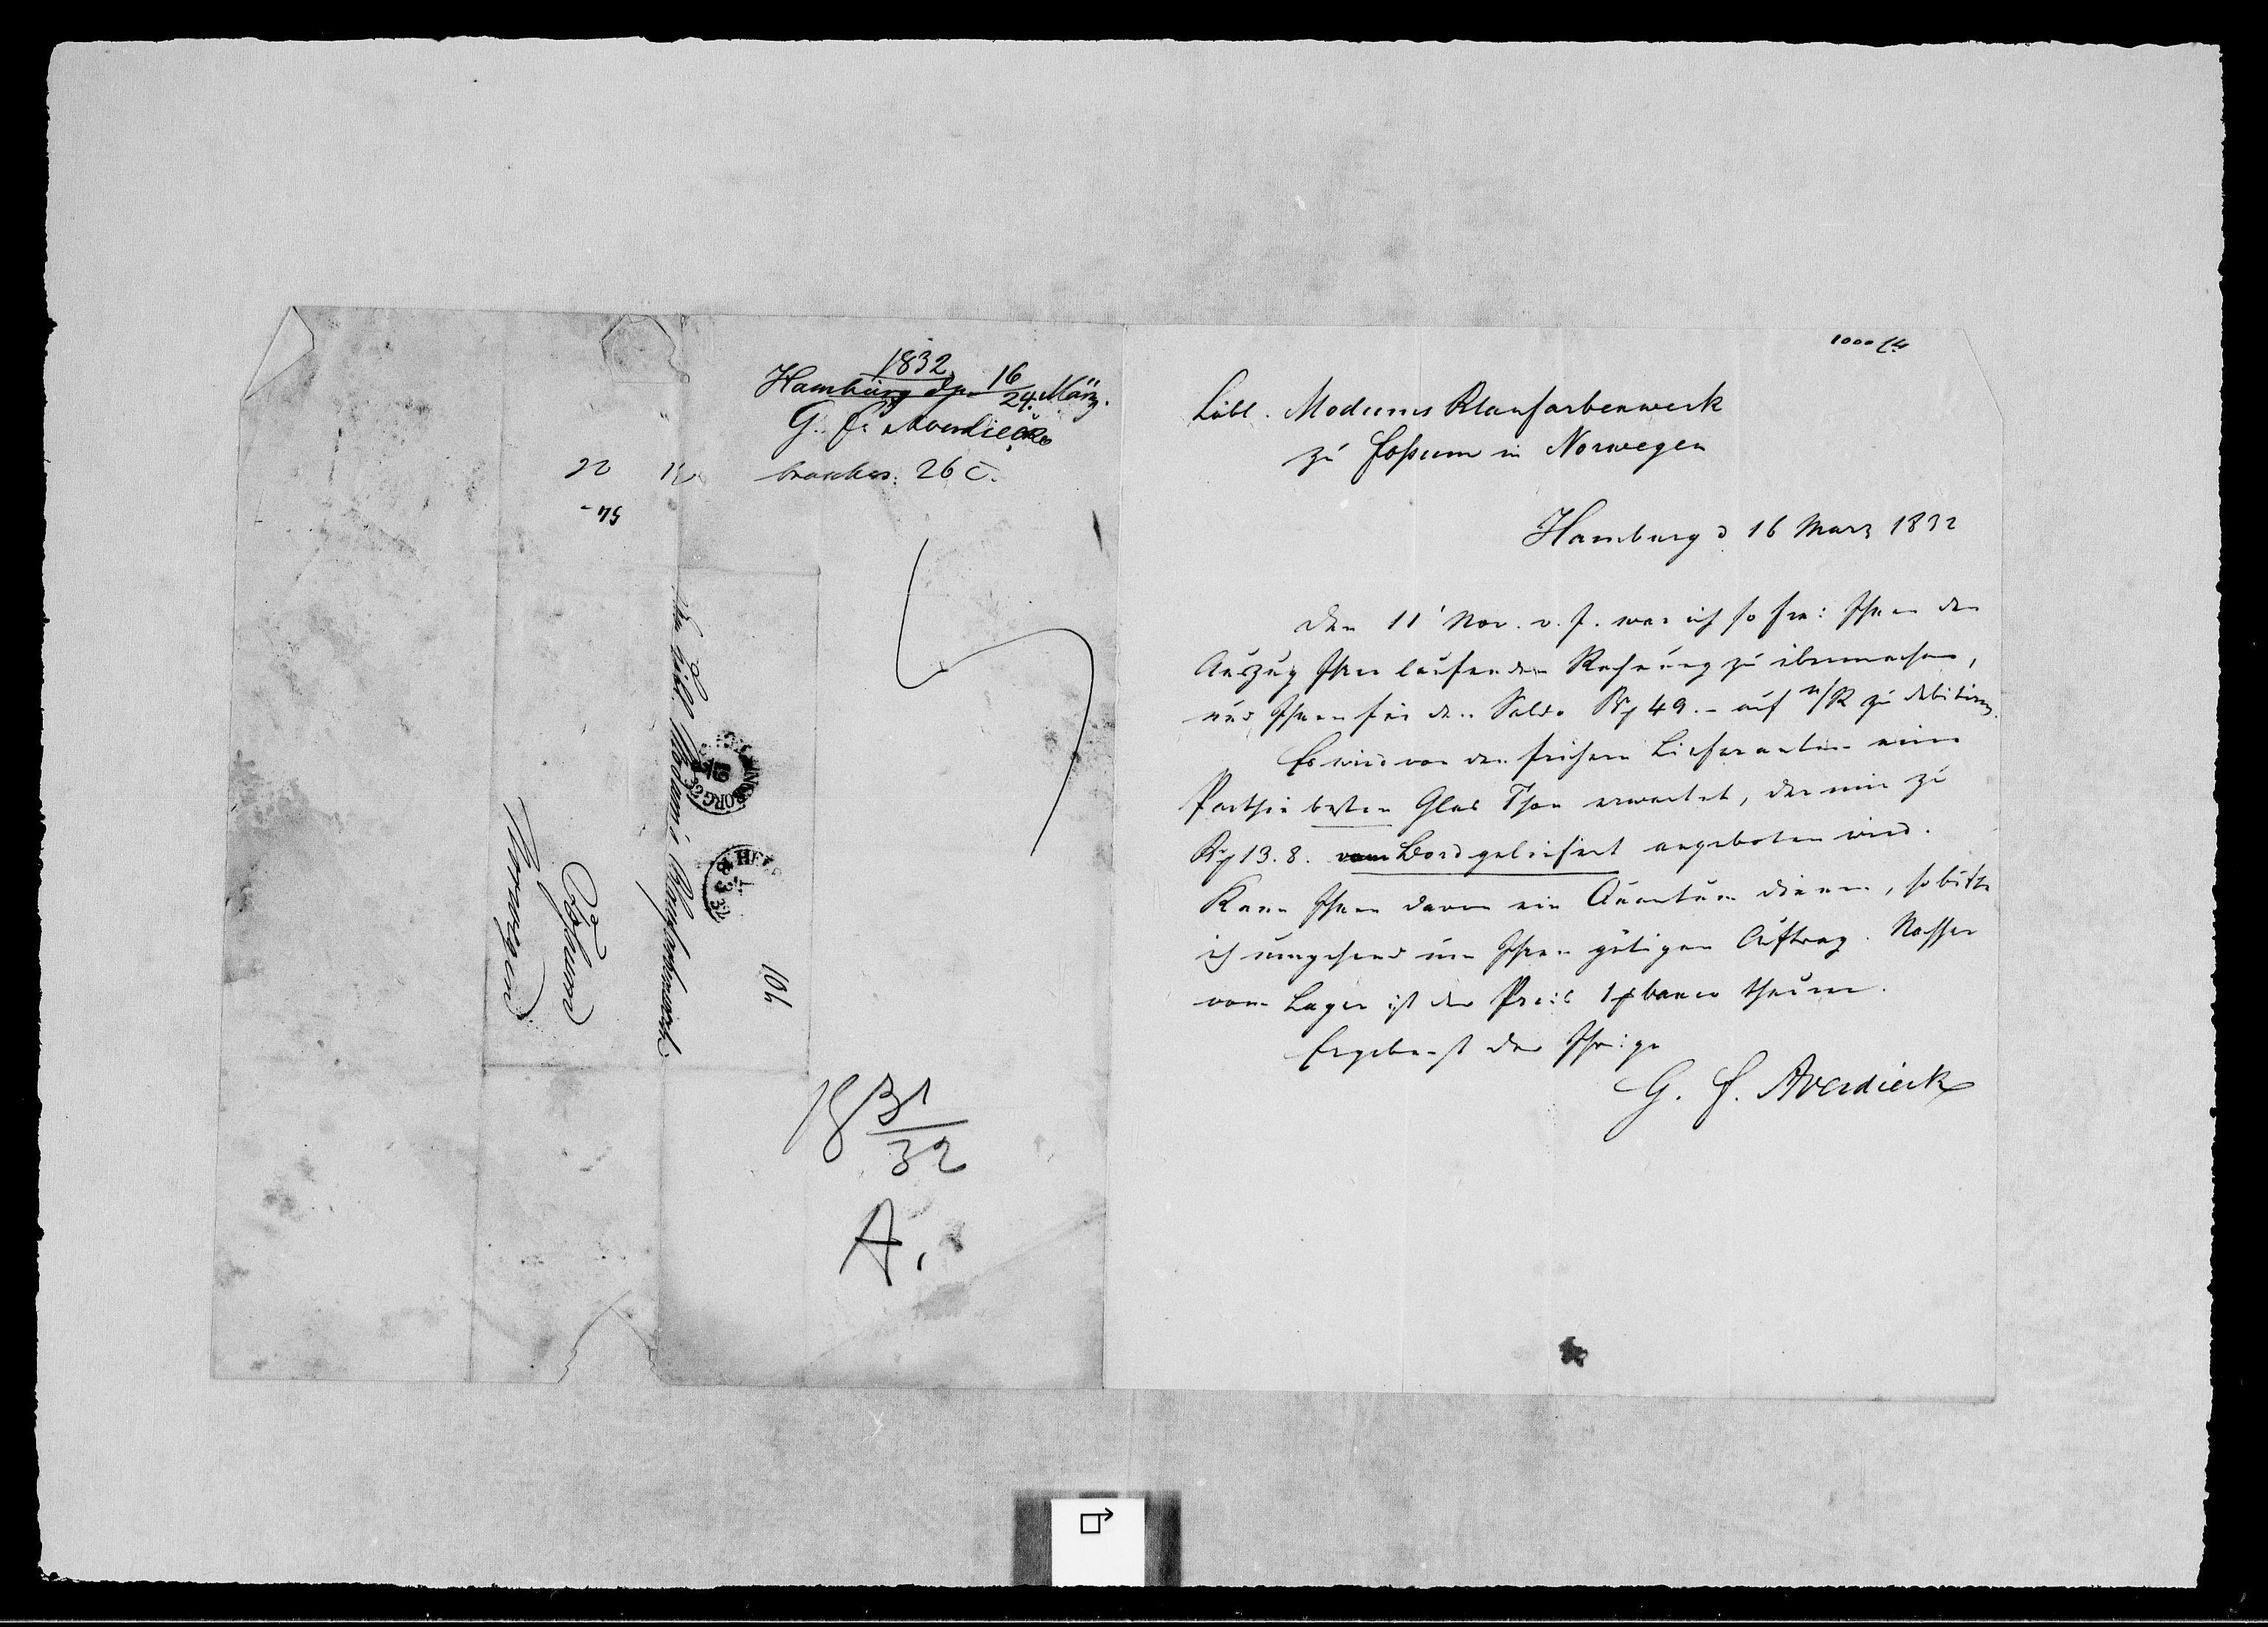 RA, Modums Blaafarveværk, G/Gb/L0107, 1831-1832, s. 2